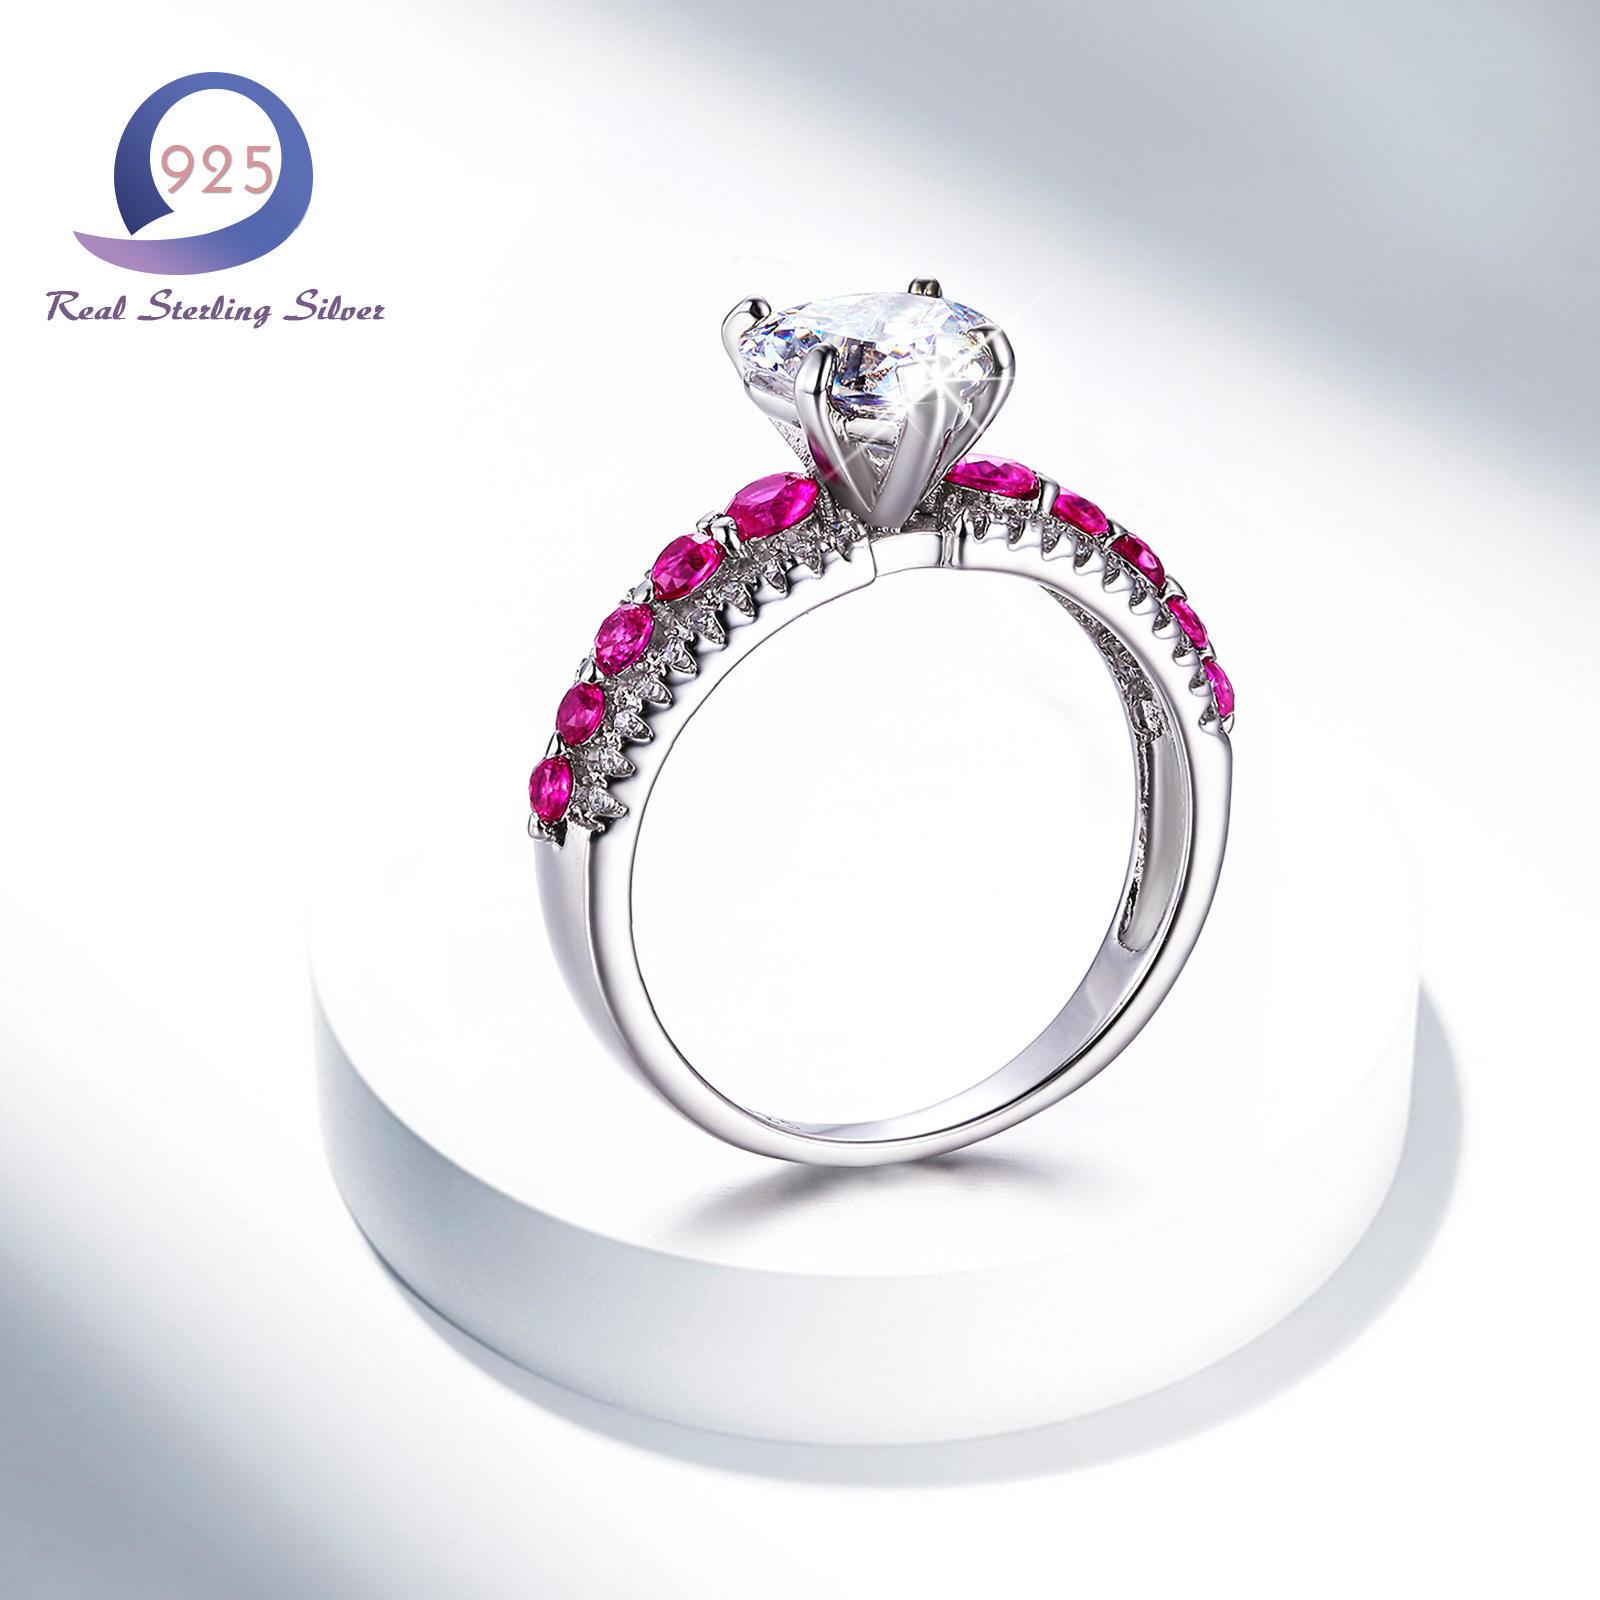 Merthus любовь сердца форма циркон чистом серебряное кольцо Обручальное кольцо партии украшения п...